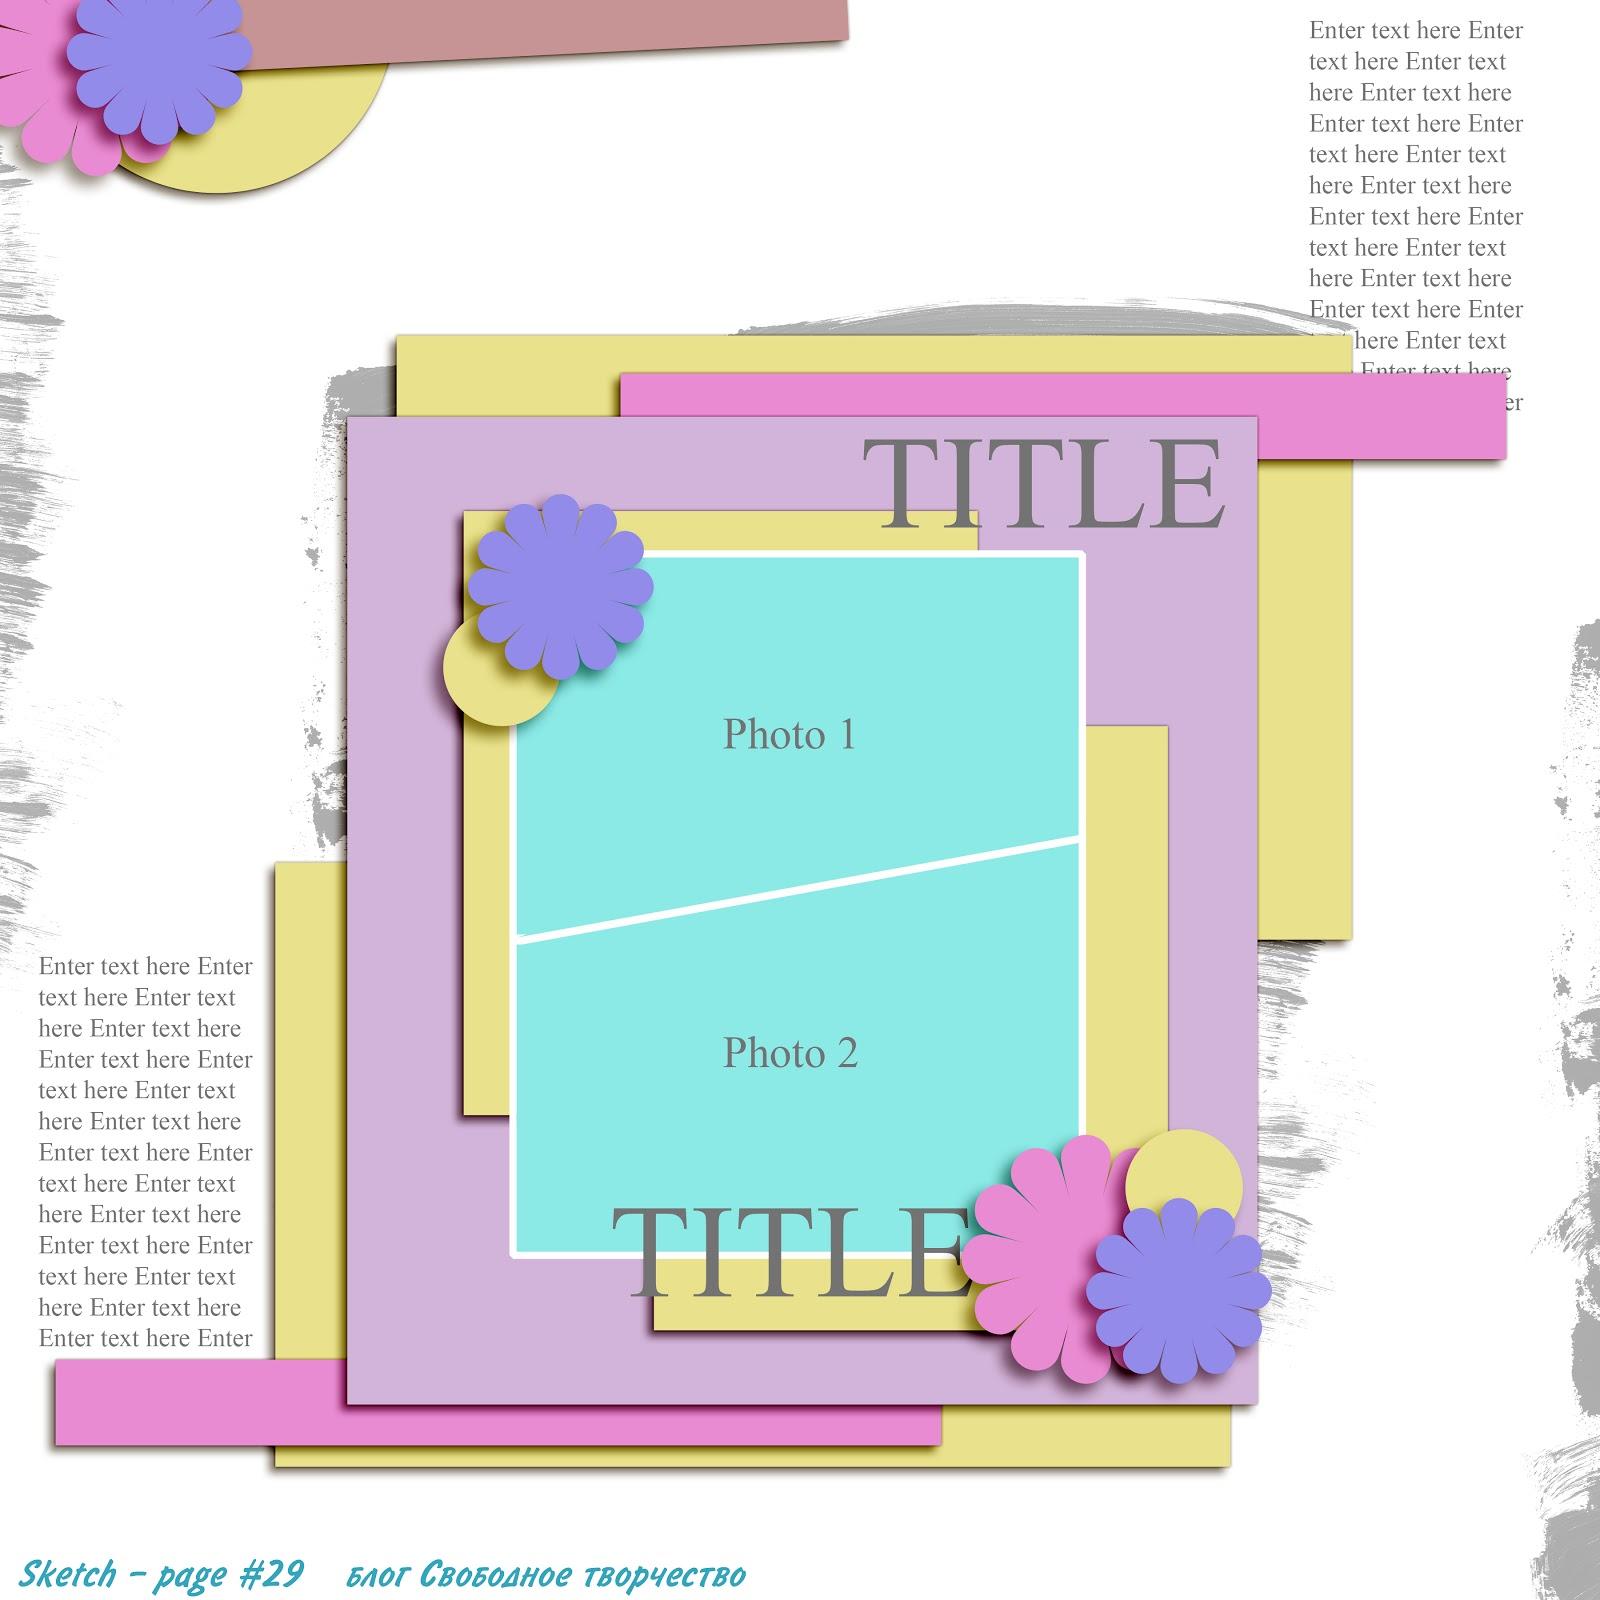 Скетч для странички №29